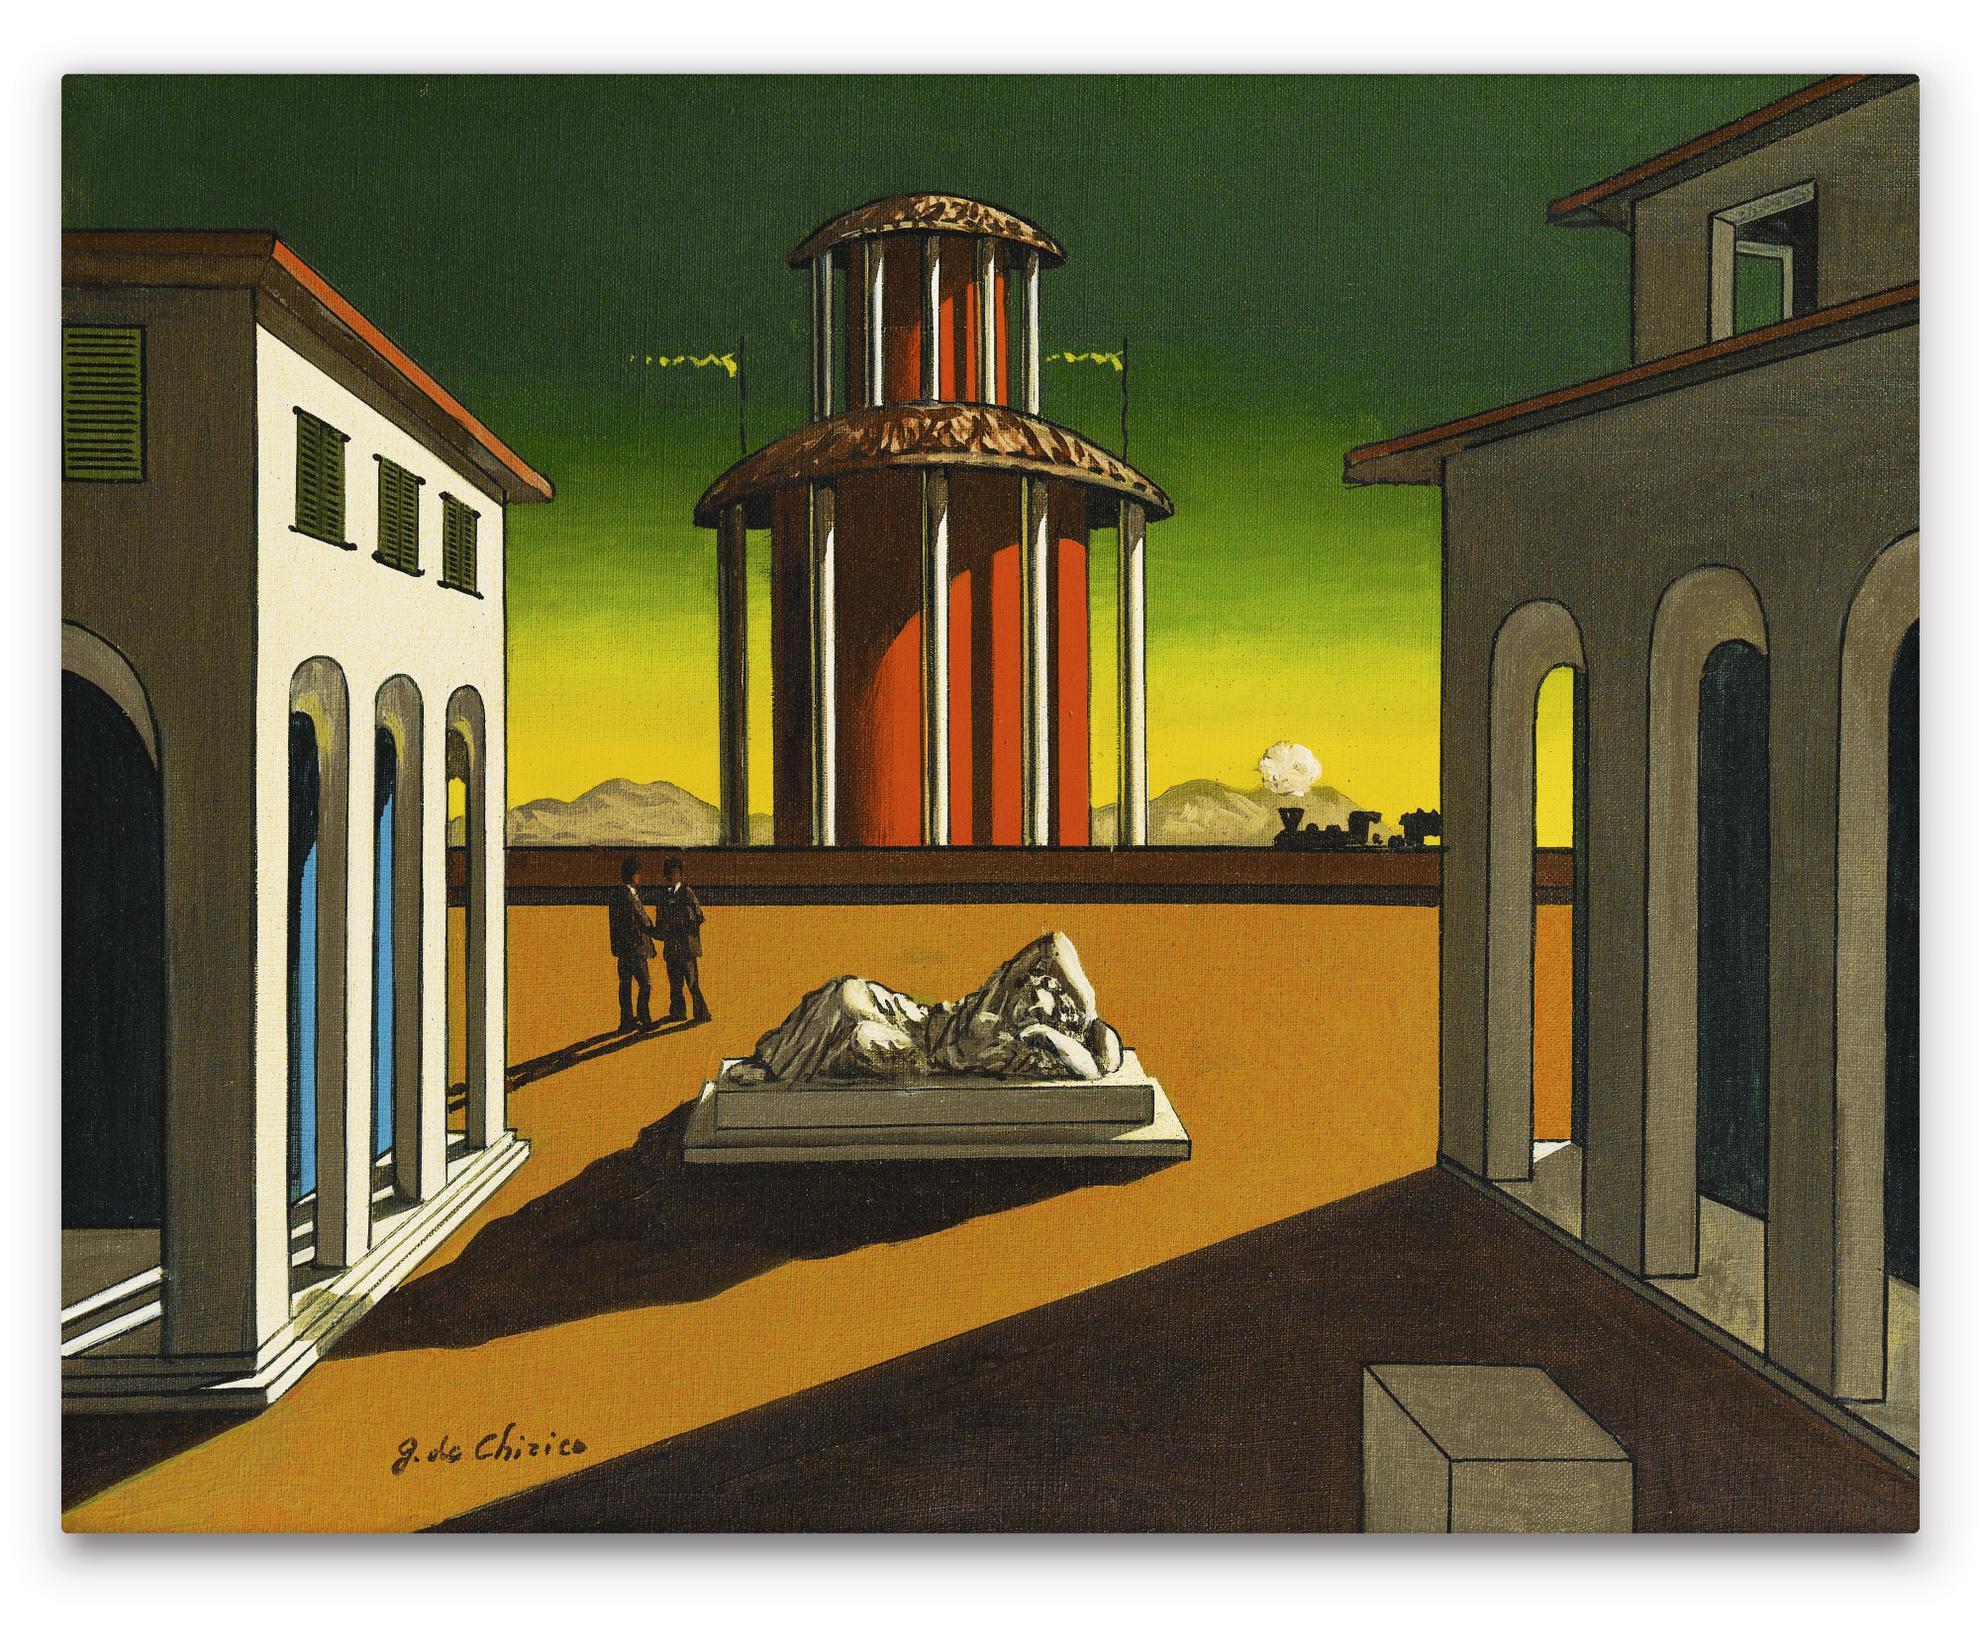 Giorgio de Chirico-Piazza Ditalia-1954